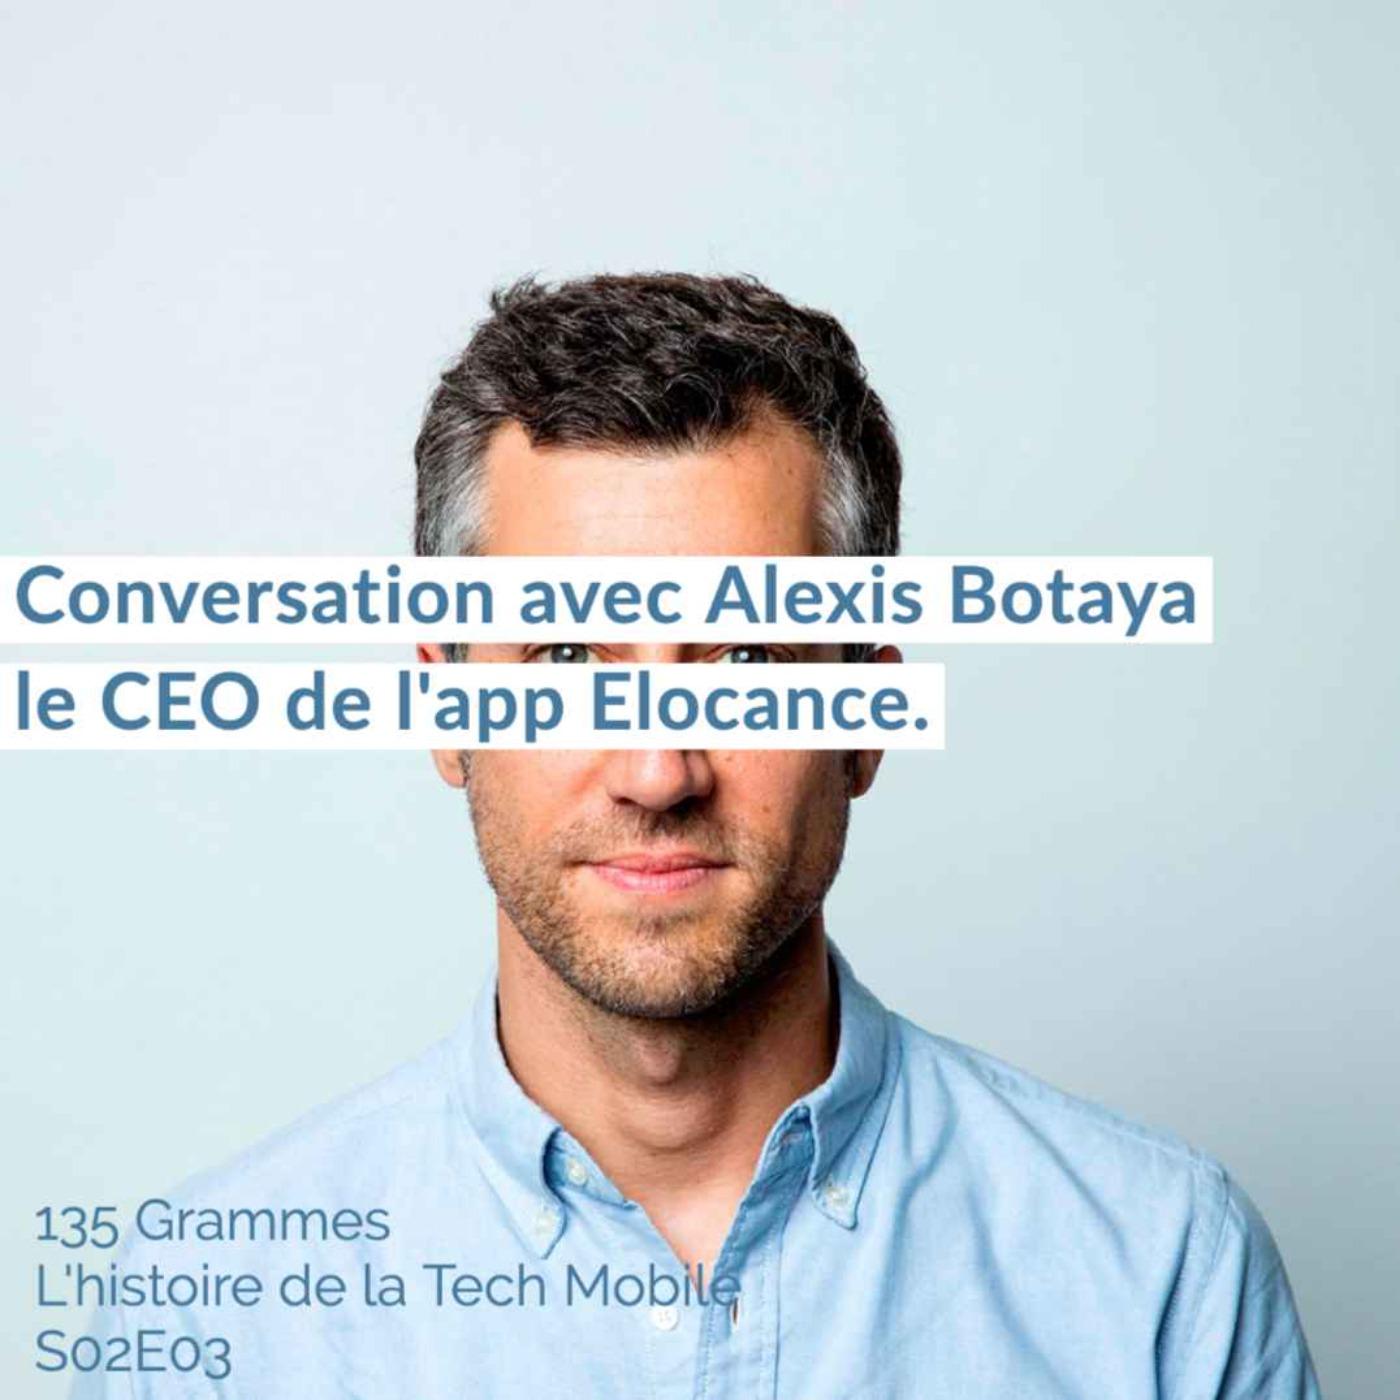 Conversation avec Alexis Botaya le CEO de l'app Elocance